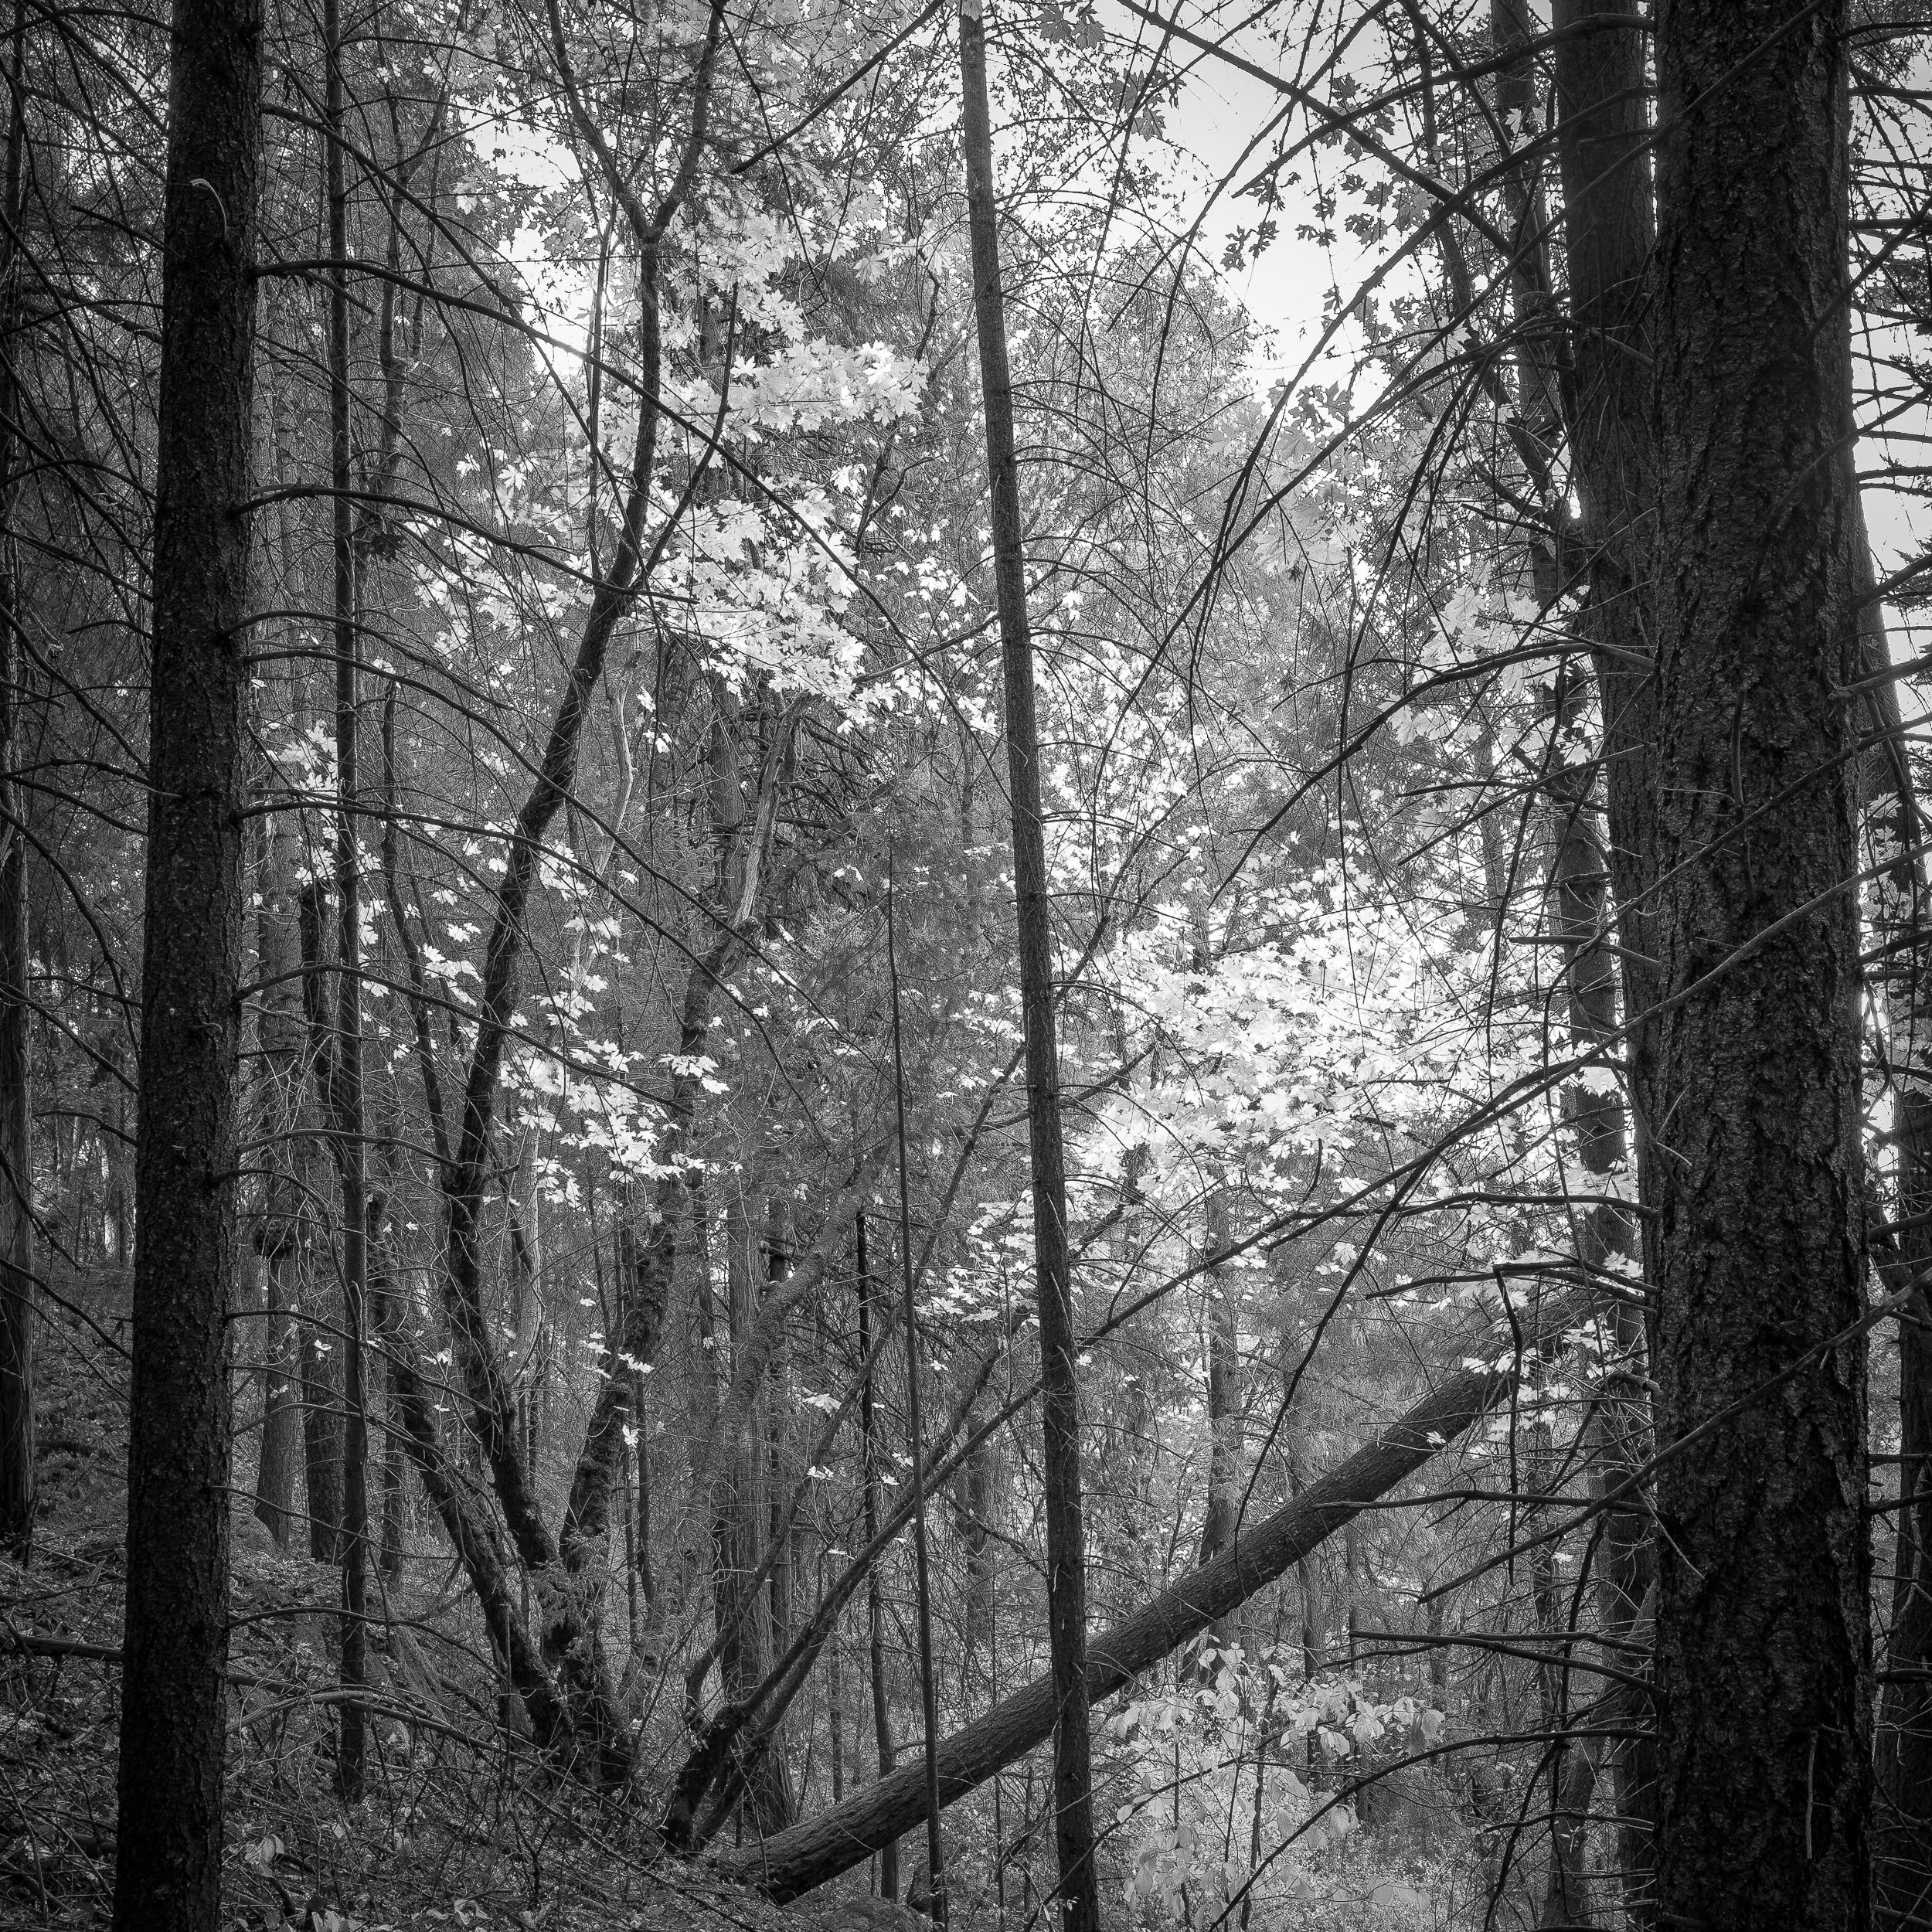 Big Leaf Maple at Deer Creek